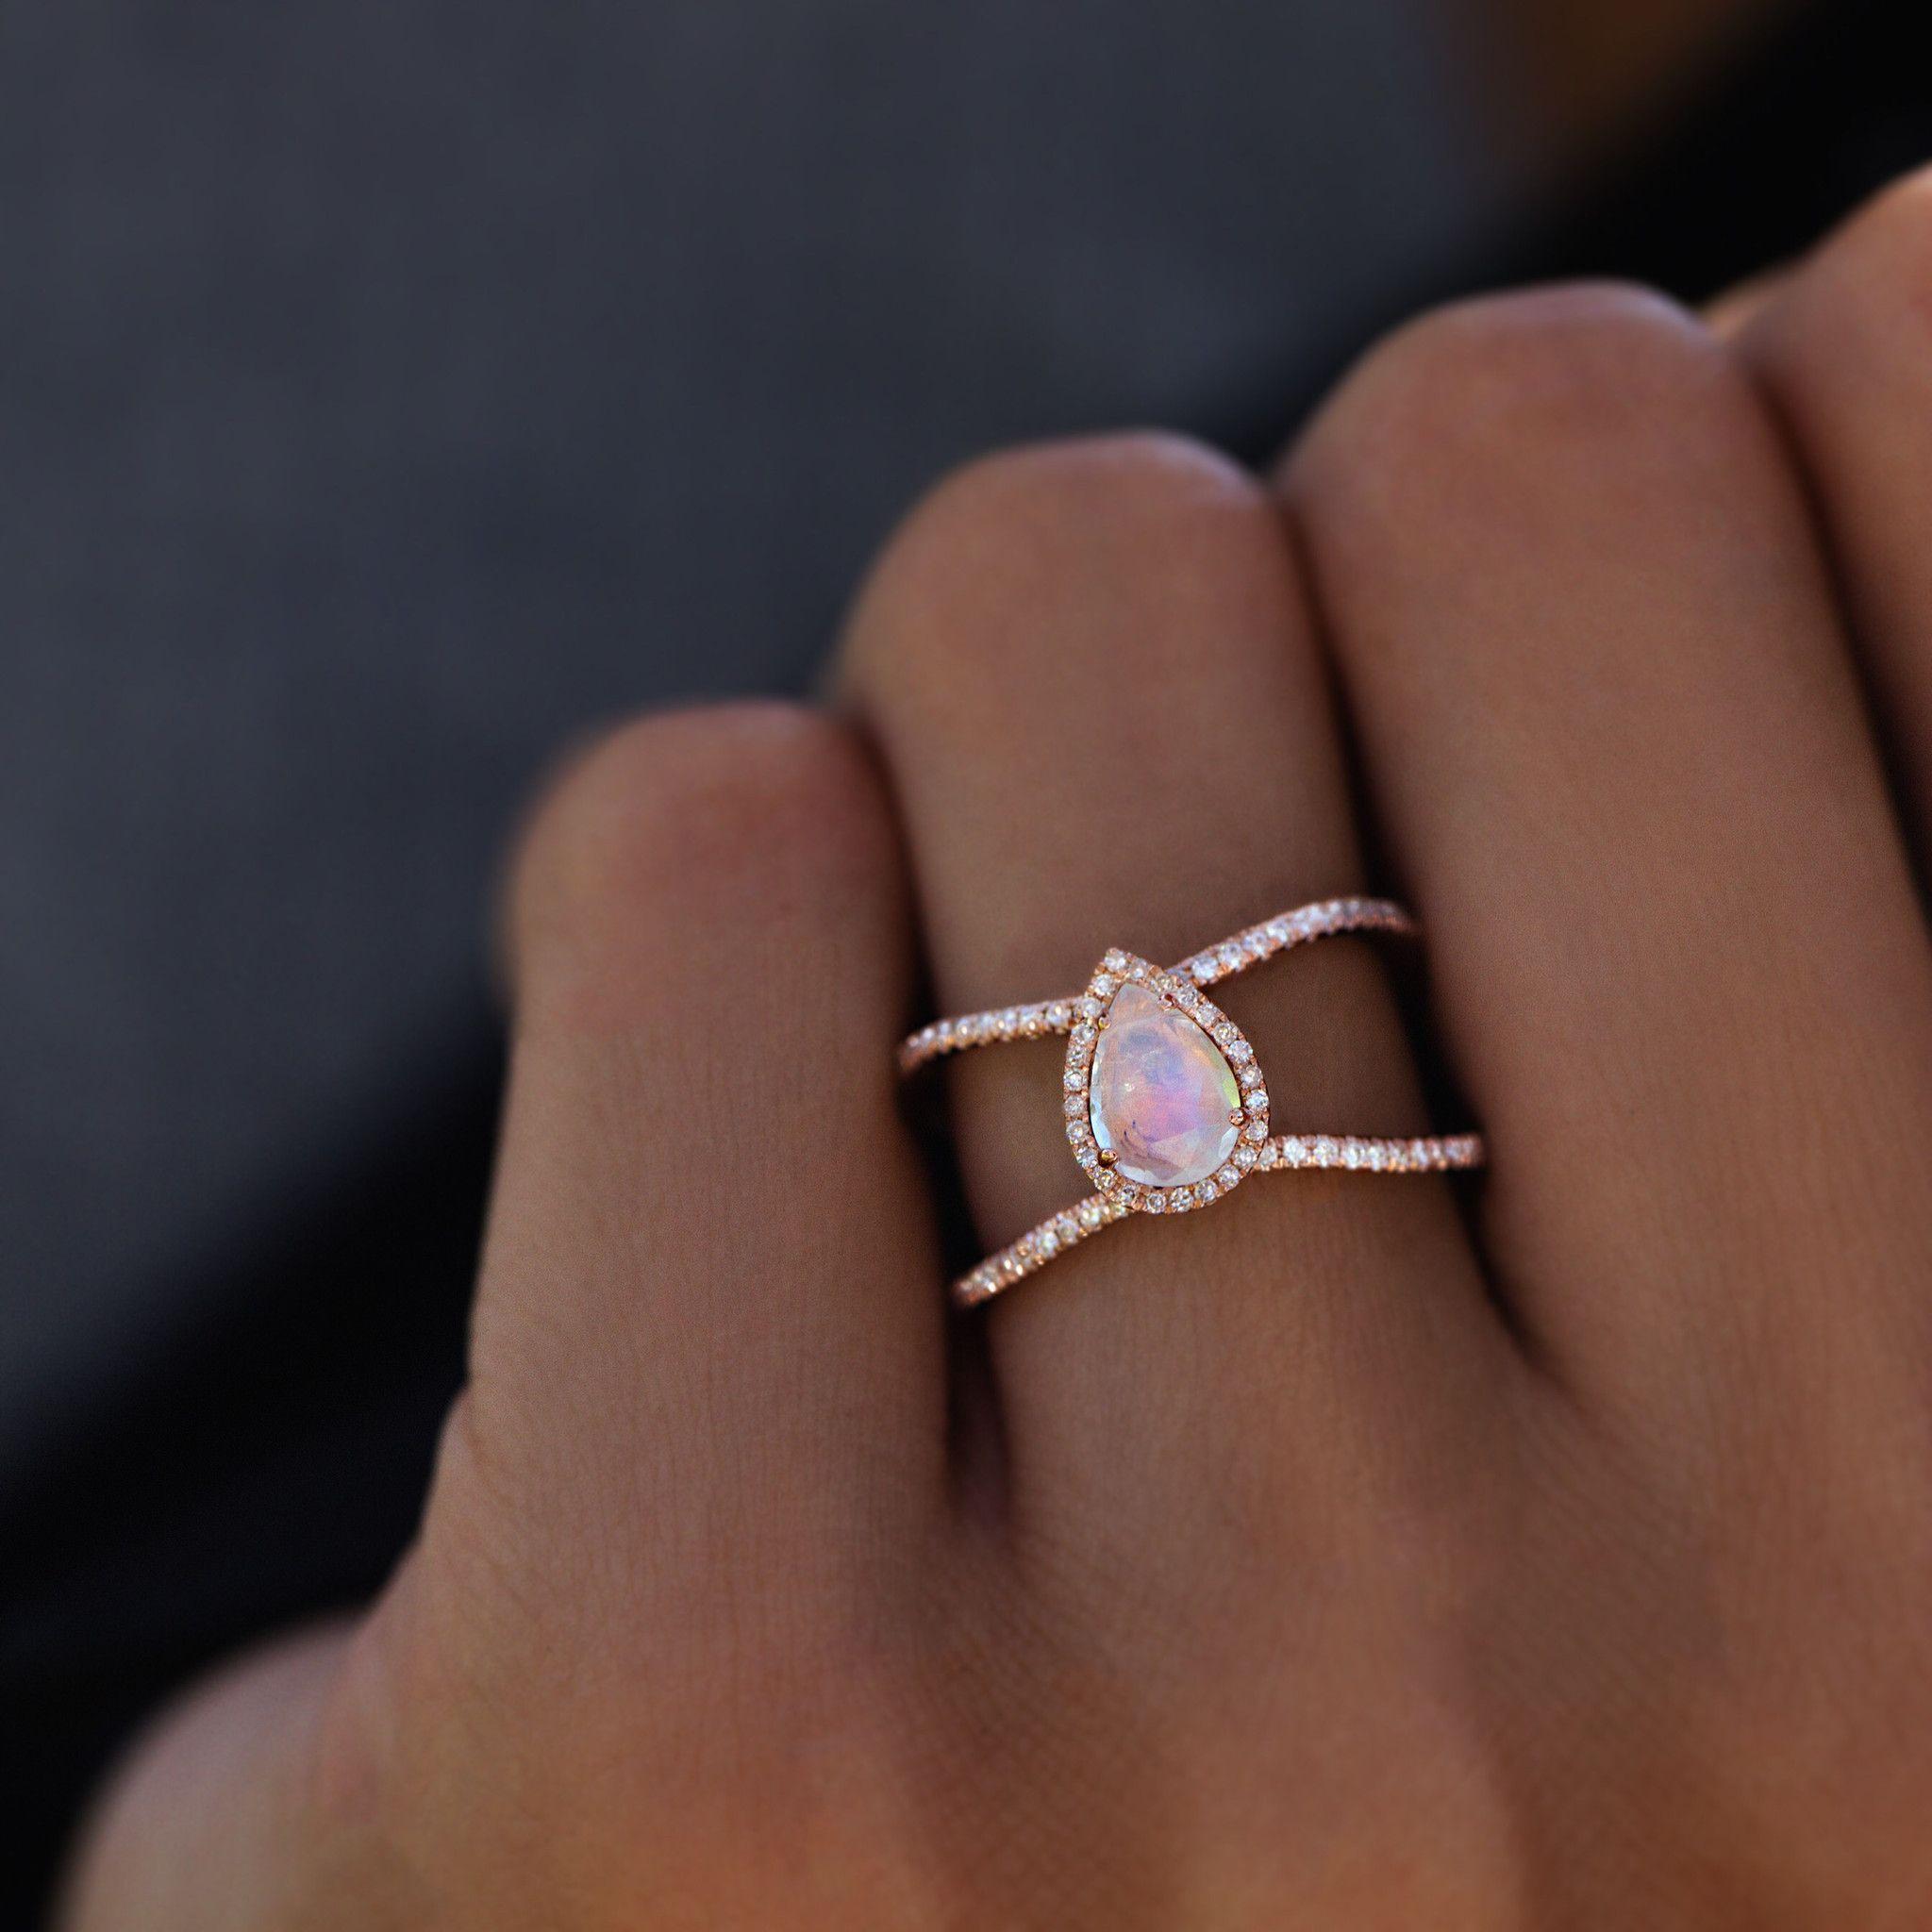 47+ Teardrop bridal ring set ideas in 2021